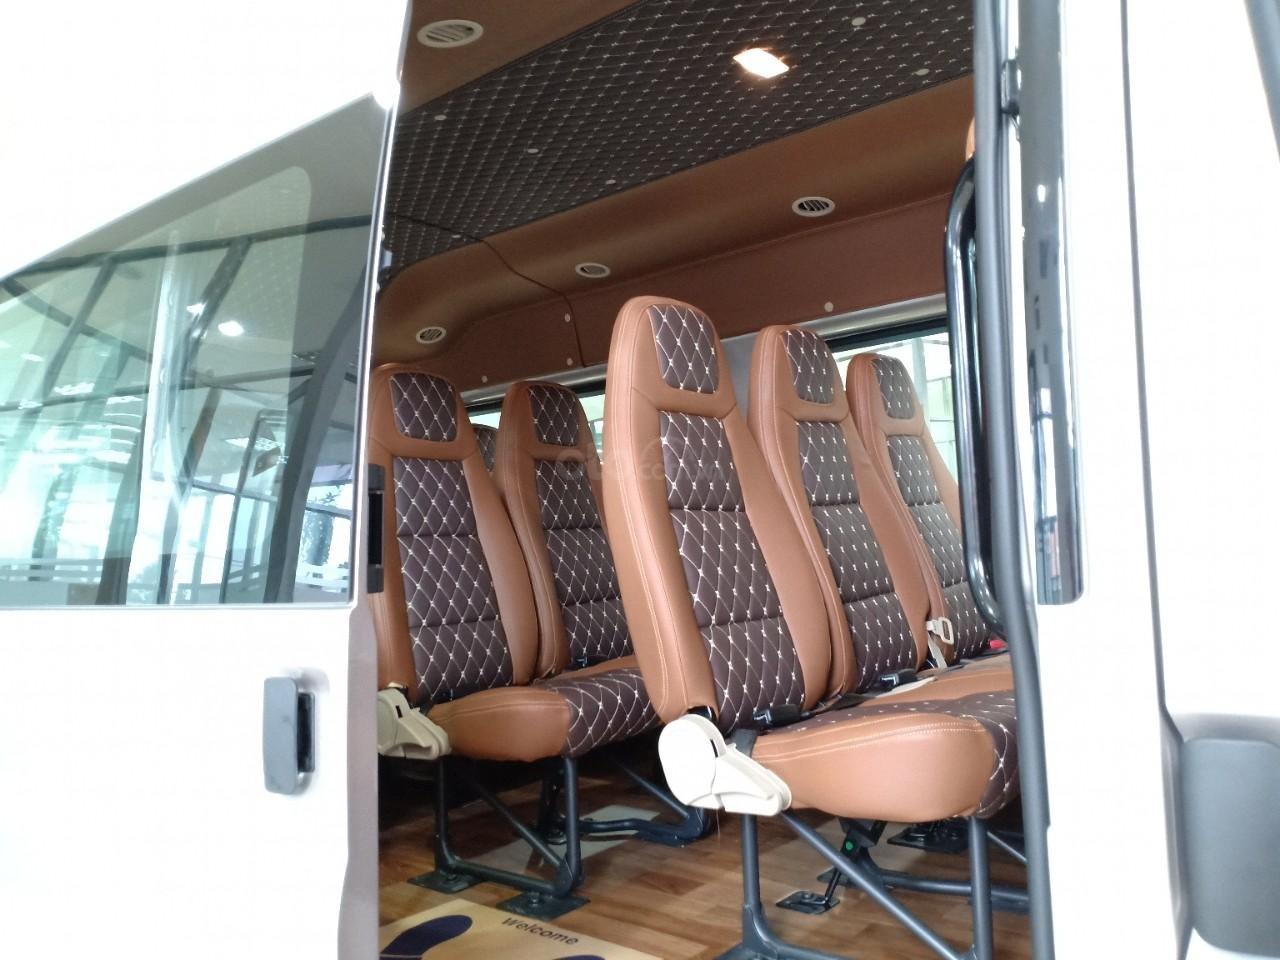 Ford Transit, giảm tiền mặt hoặc tặng phụ kiện, liên hệ ngay Xuân Liên 089 86 89 076-2